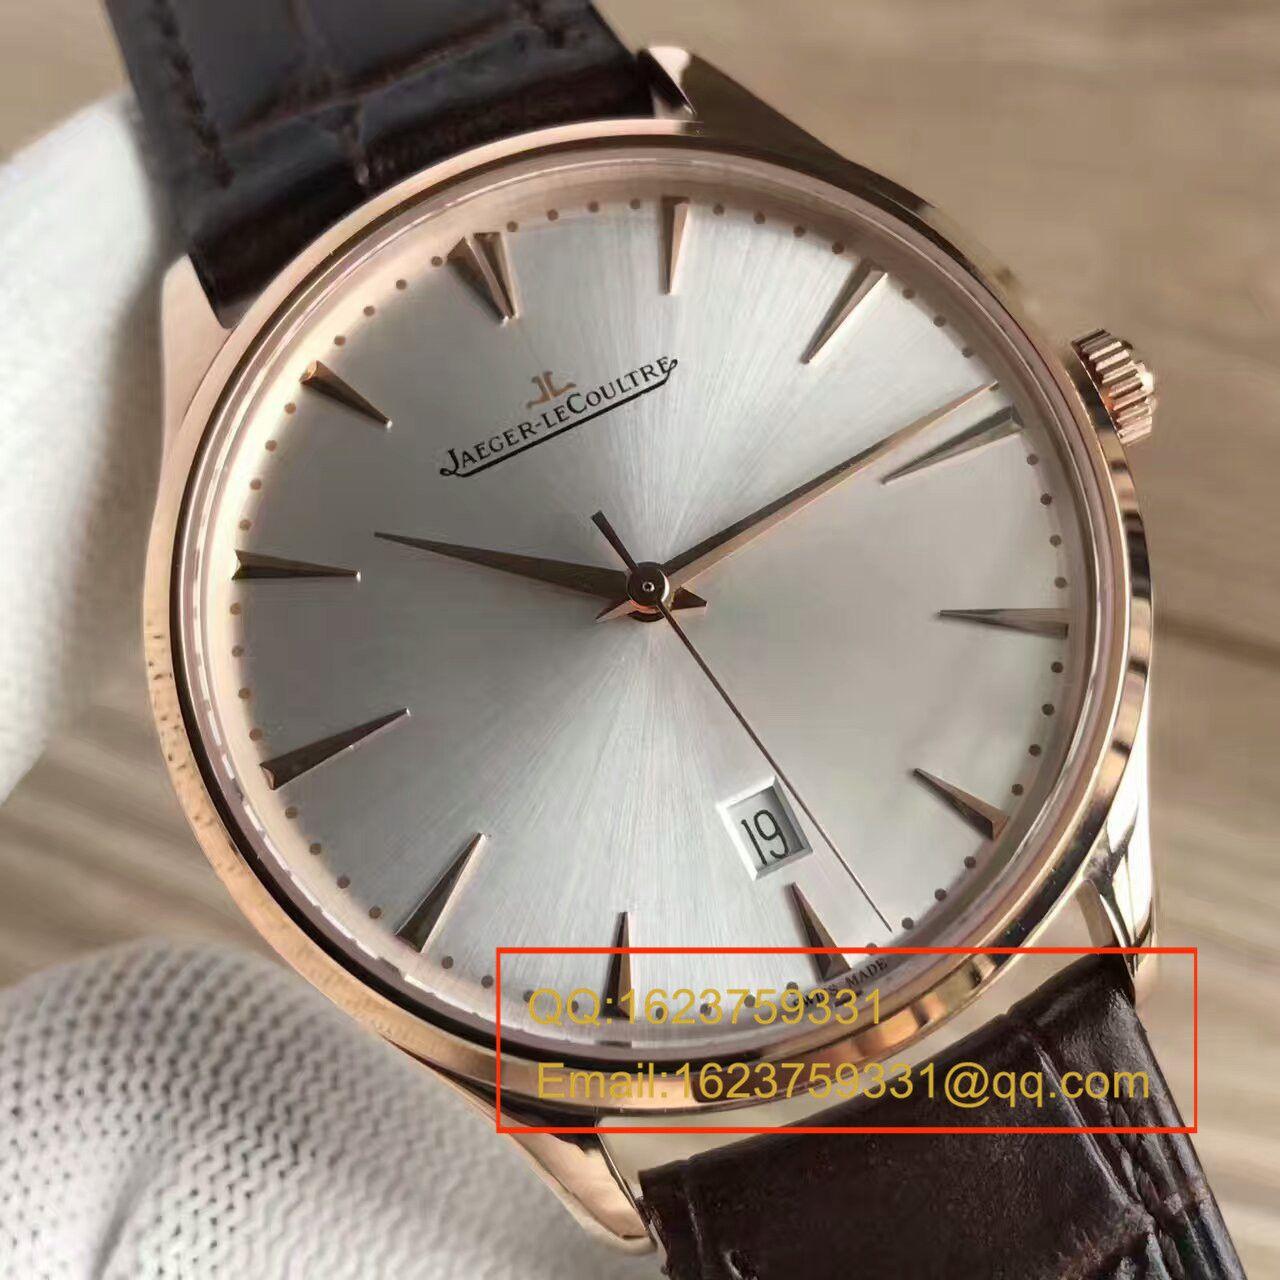 【台湾厂1:1高仿手表】积家超薄大师系列Q1282510腕表 / JJ090